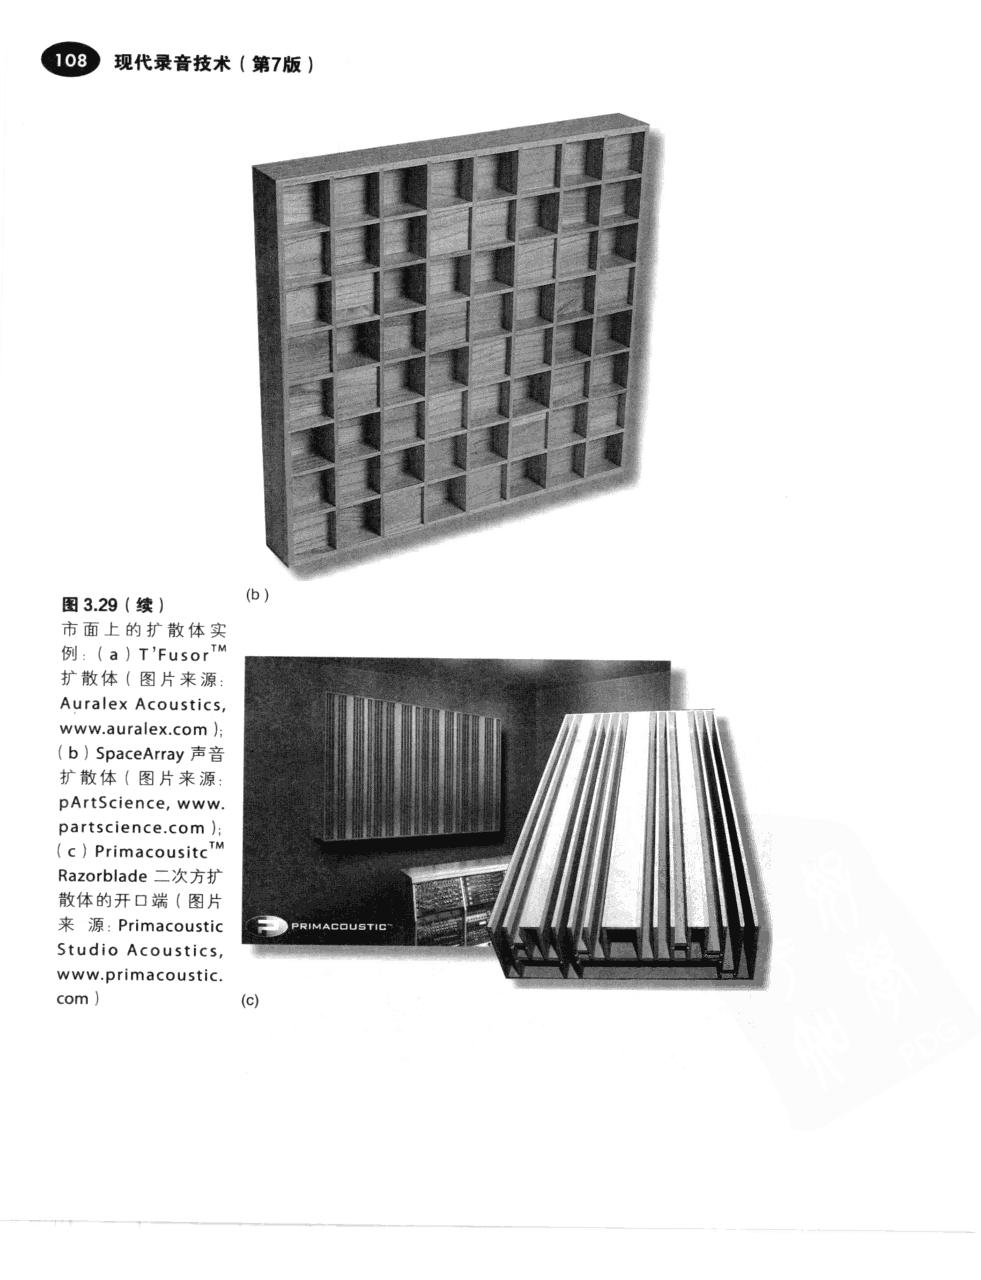 现代录音技术(第7版) 135